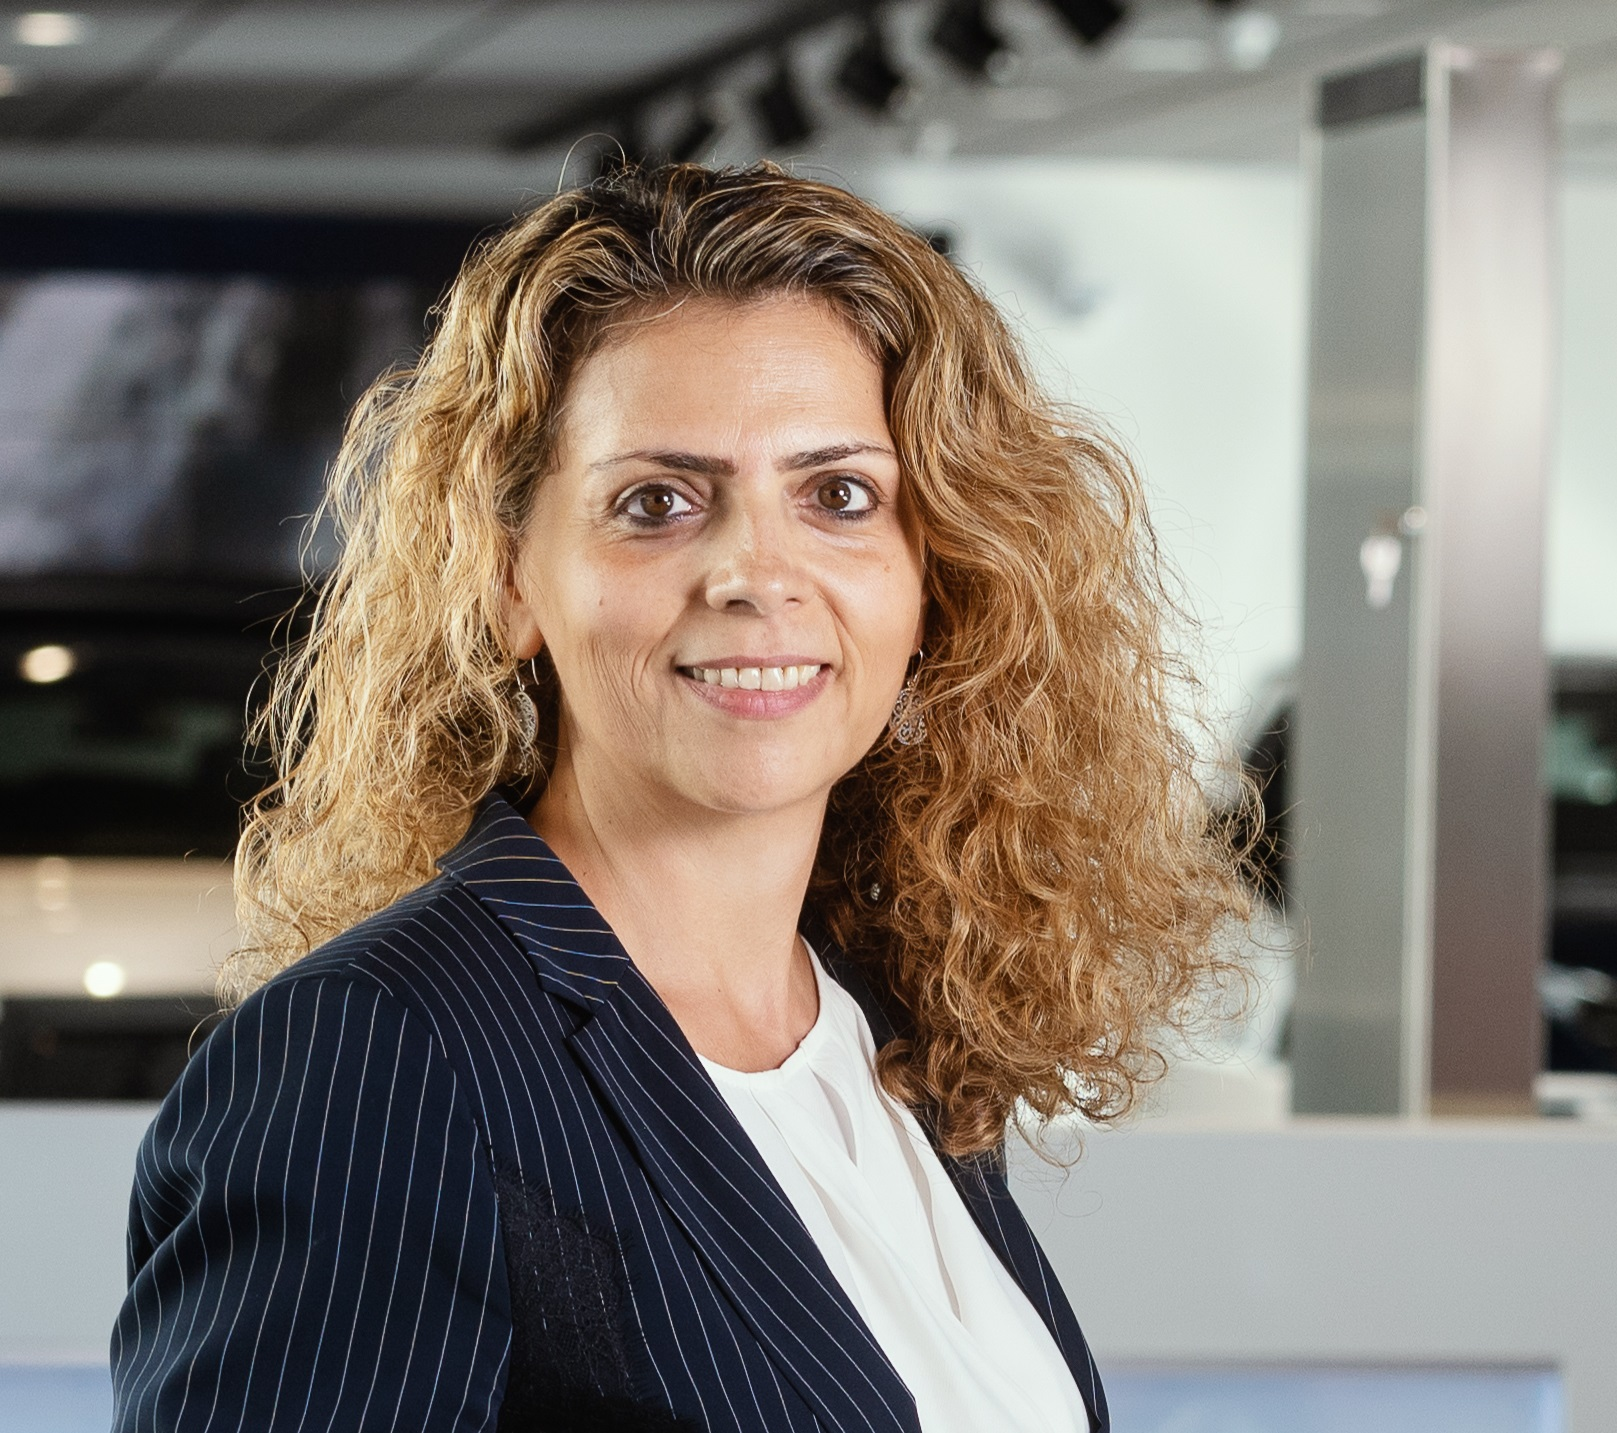 Helena Botelho, qui est dans la hiérarchie pour assumer la direction commerciale de Citroën en Europe